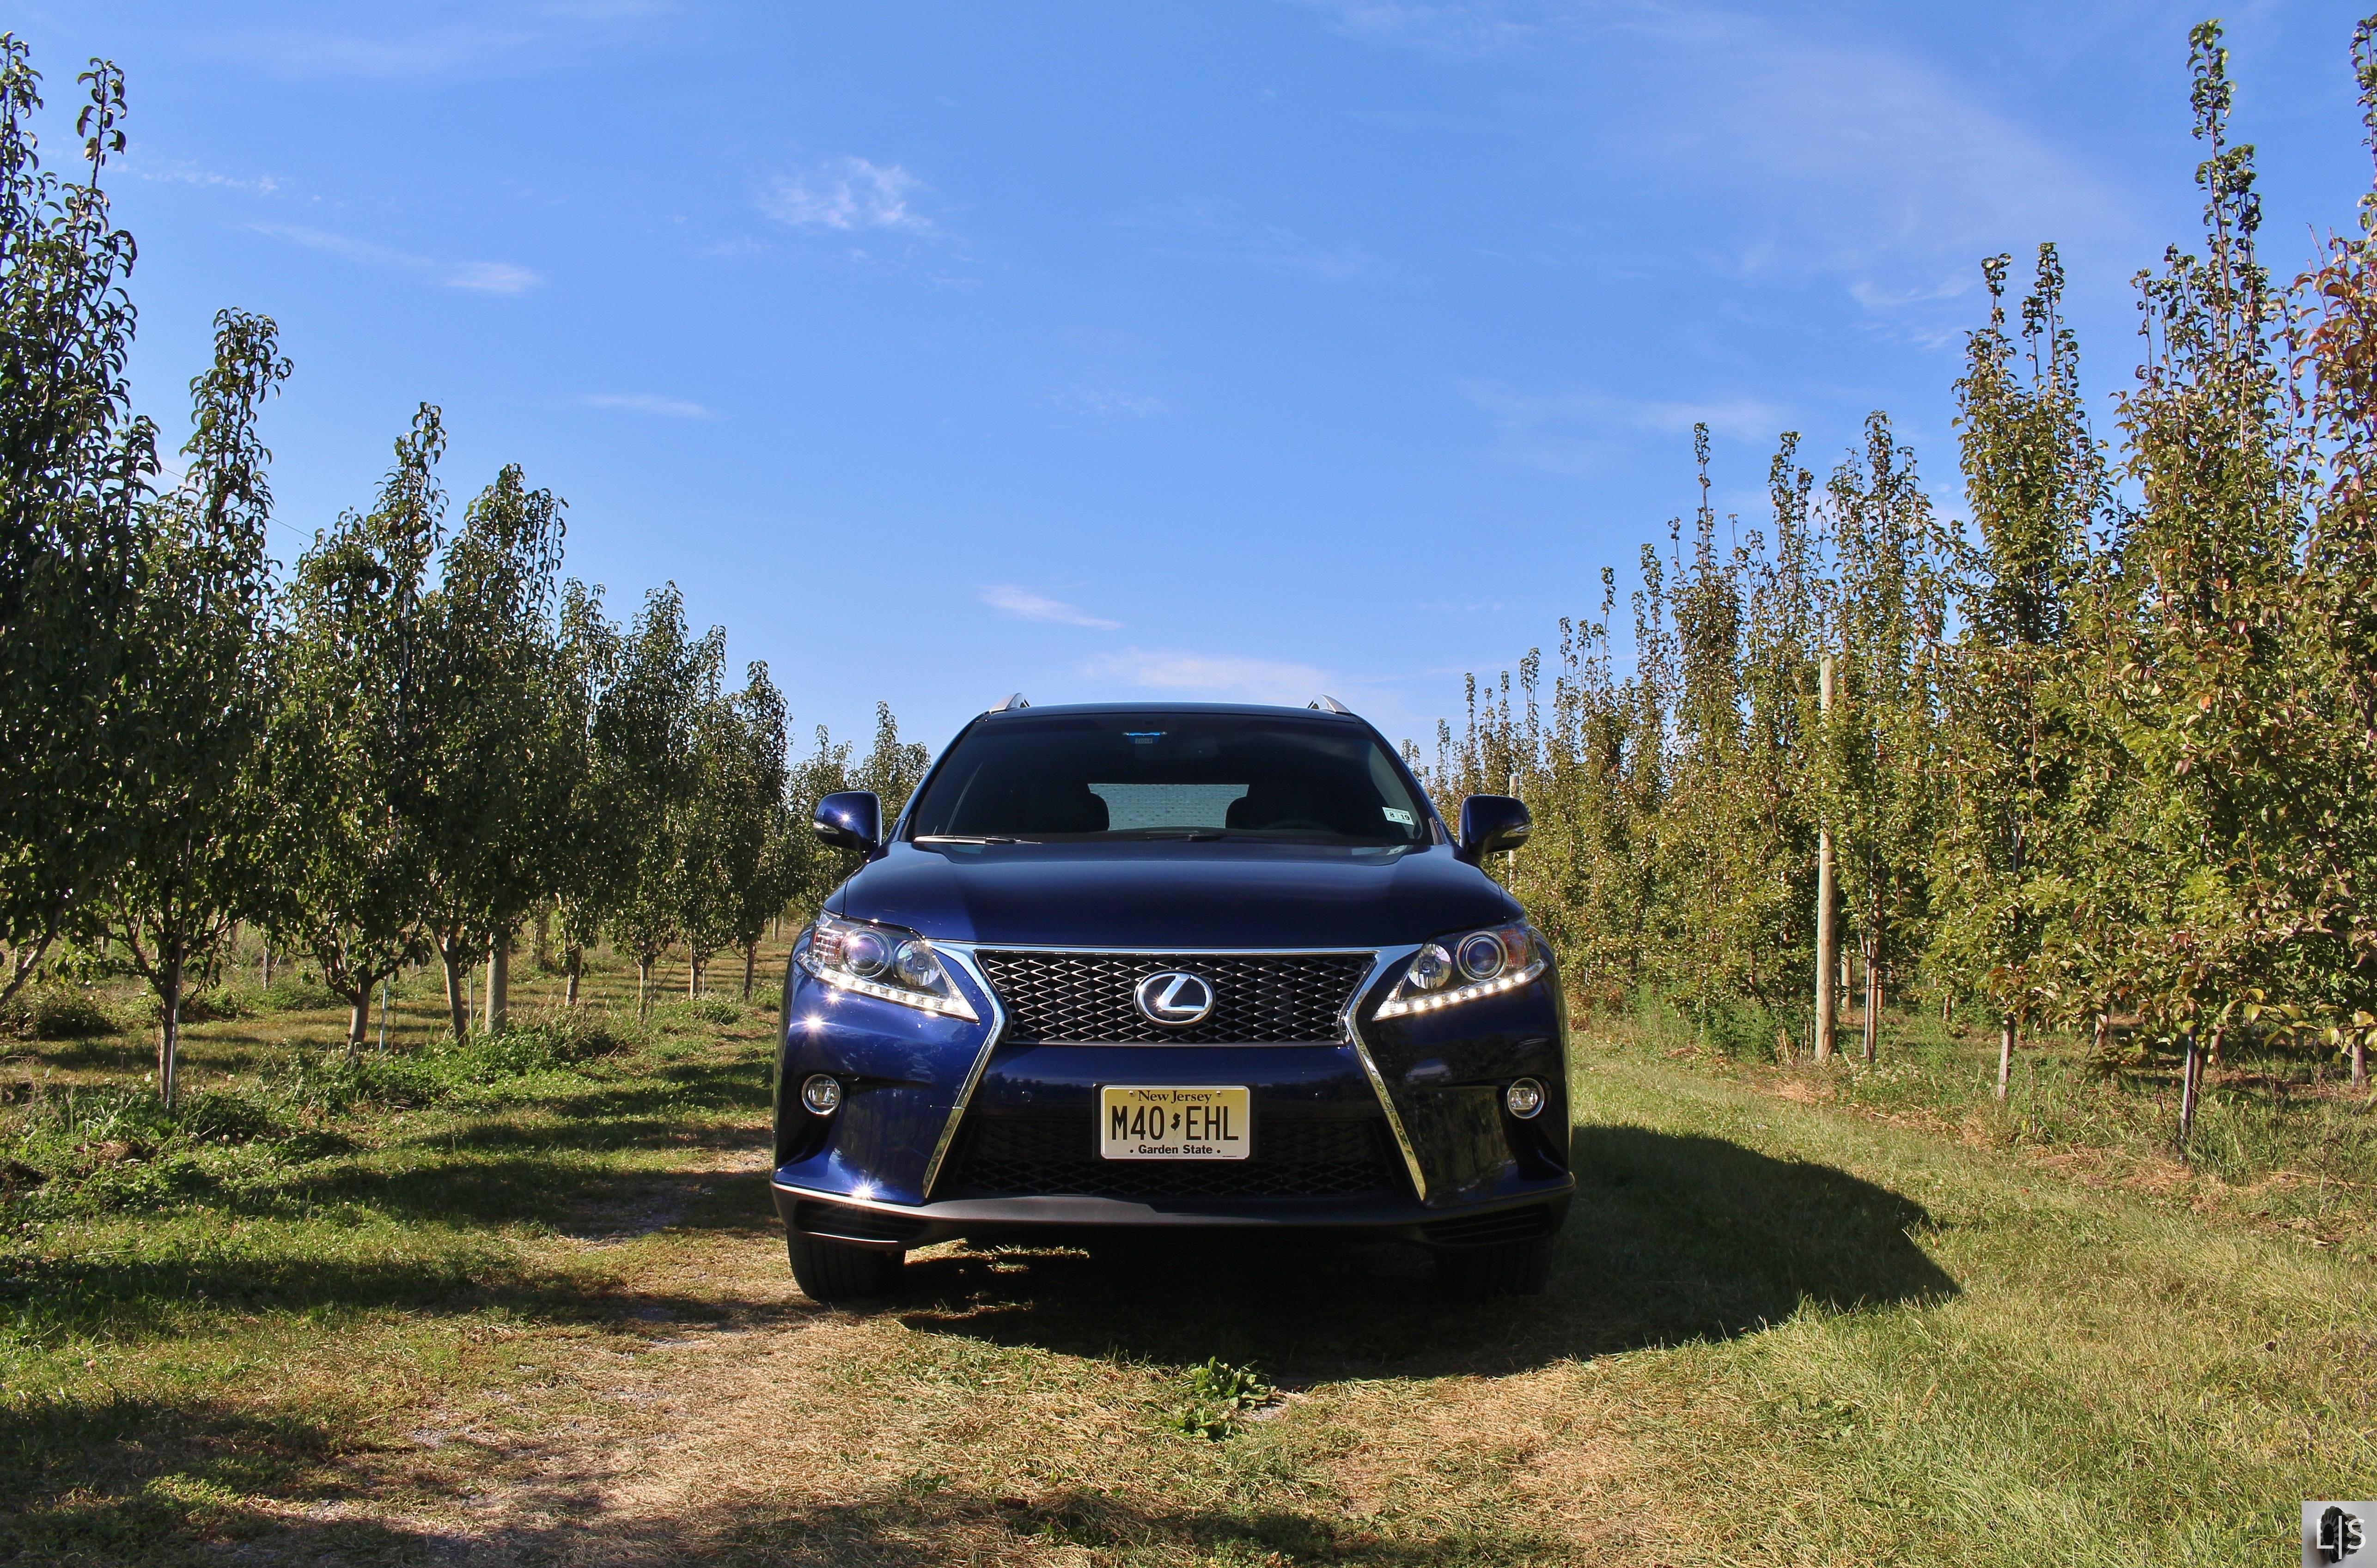 drive turbo sport lexus review rx f fsport first suv